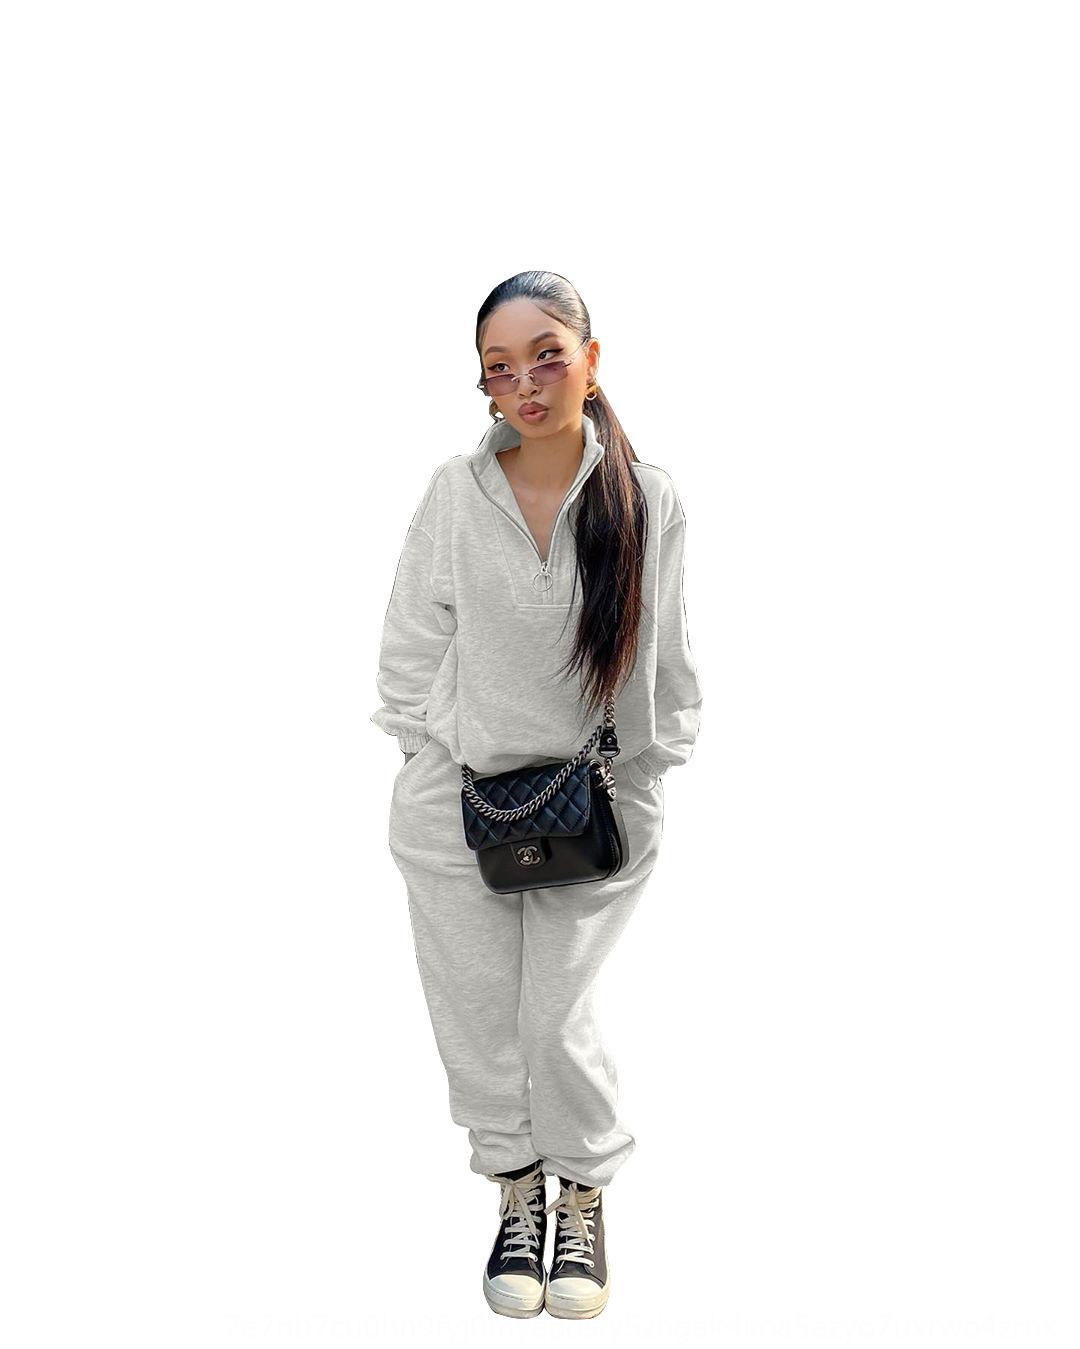 Lpsw womens dos 2 pantalones de ropa set de costura de moda de manga larga con capucha de la sudadera con capucha contraste tops pantalones trajes casual damas más tamaño p